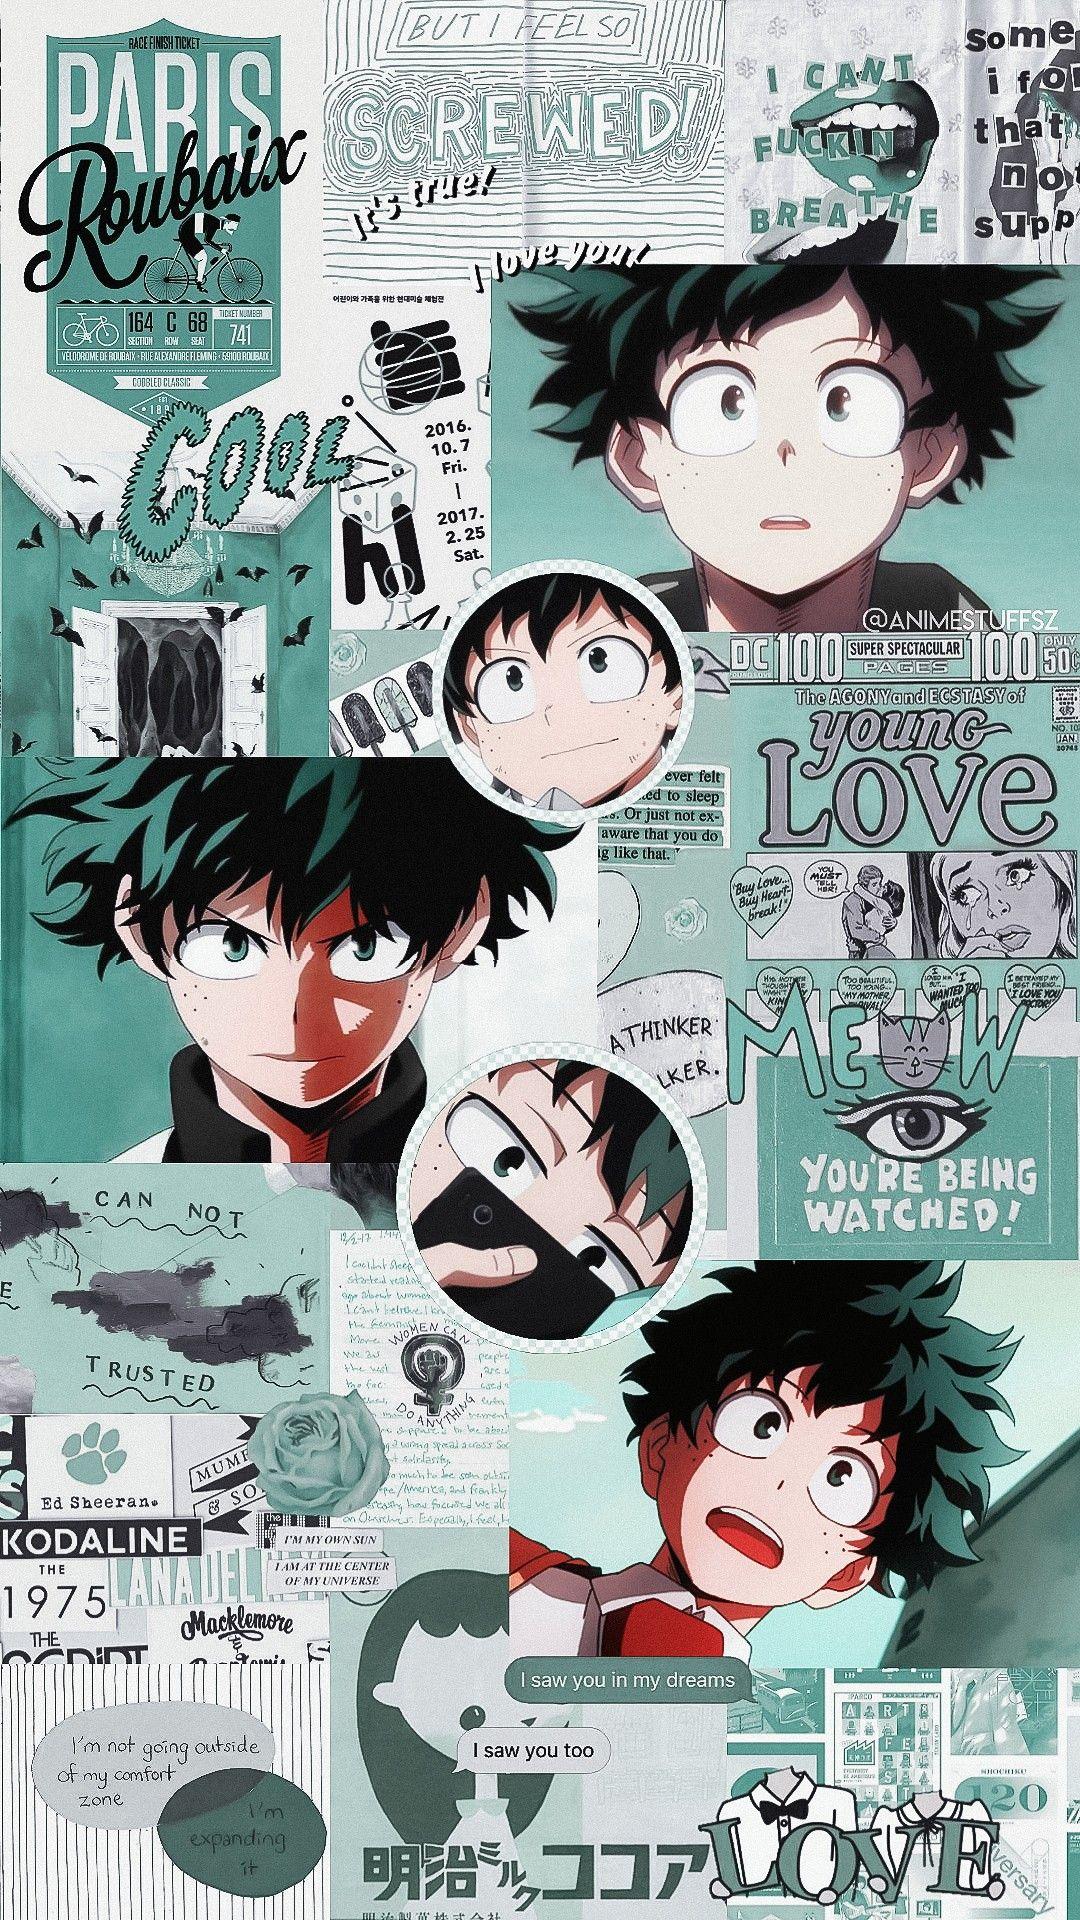 Izuku Midoriya Hero wallpaper, Anime wallpaper iphone